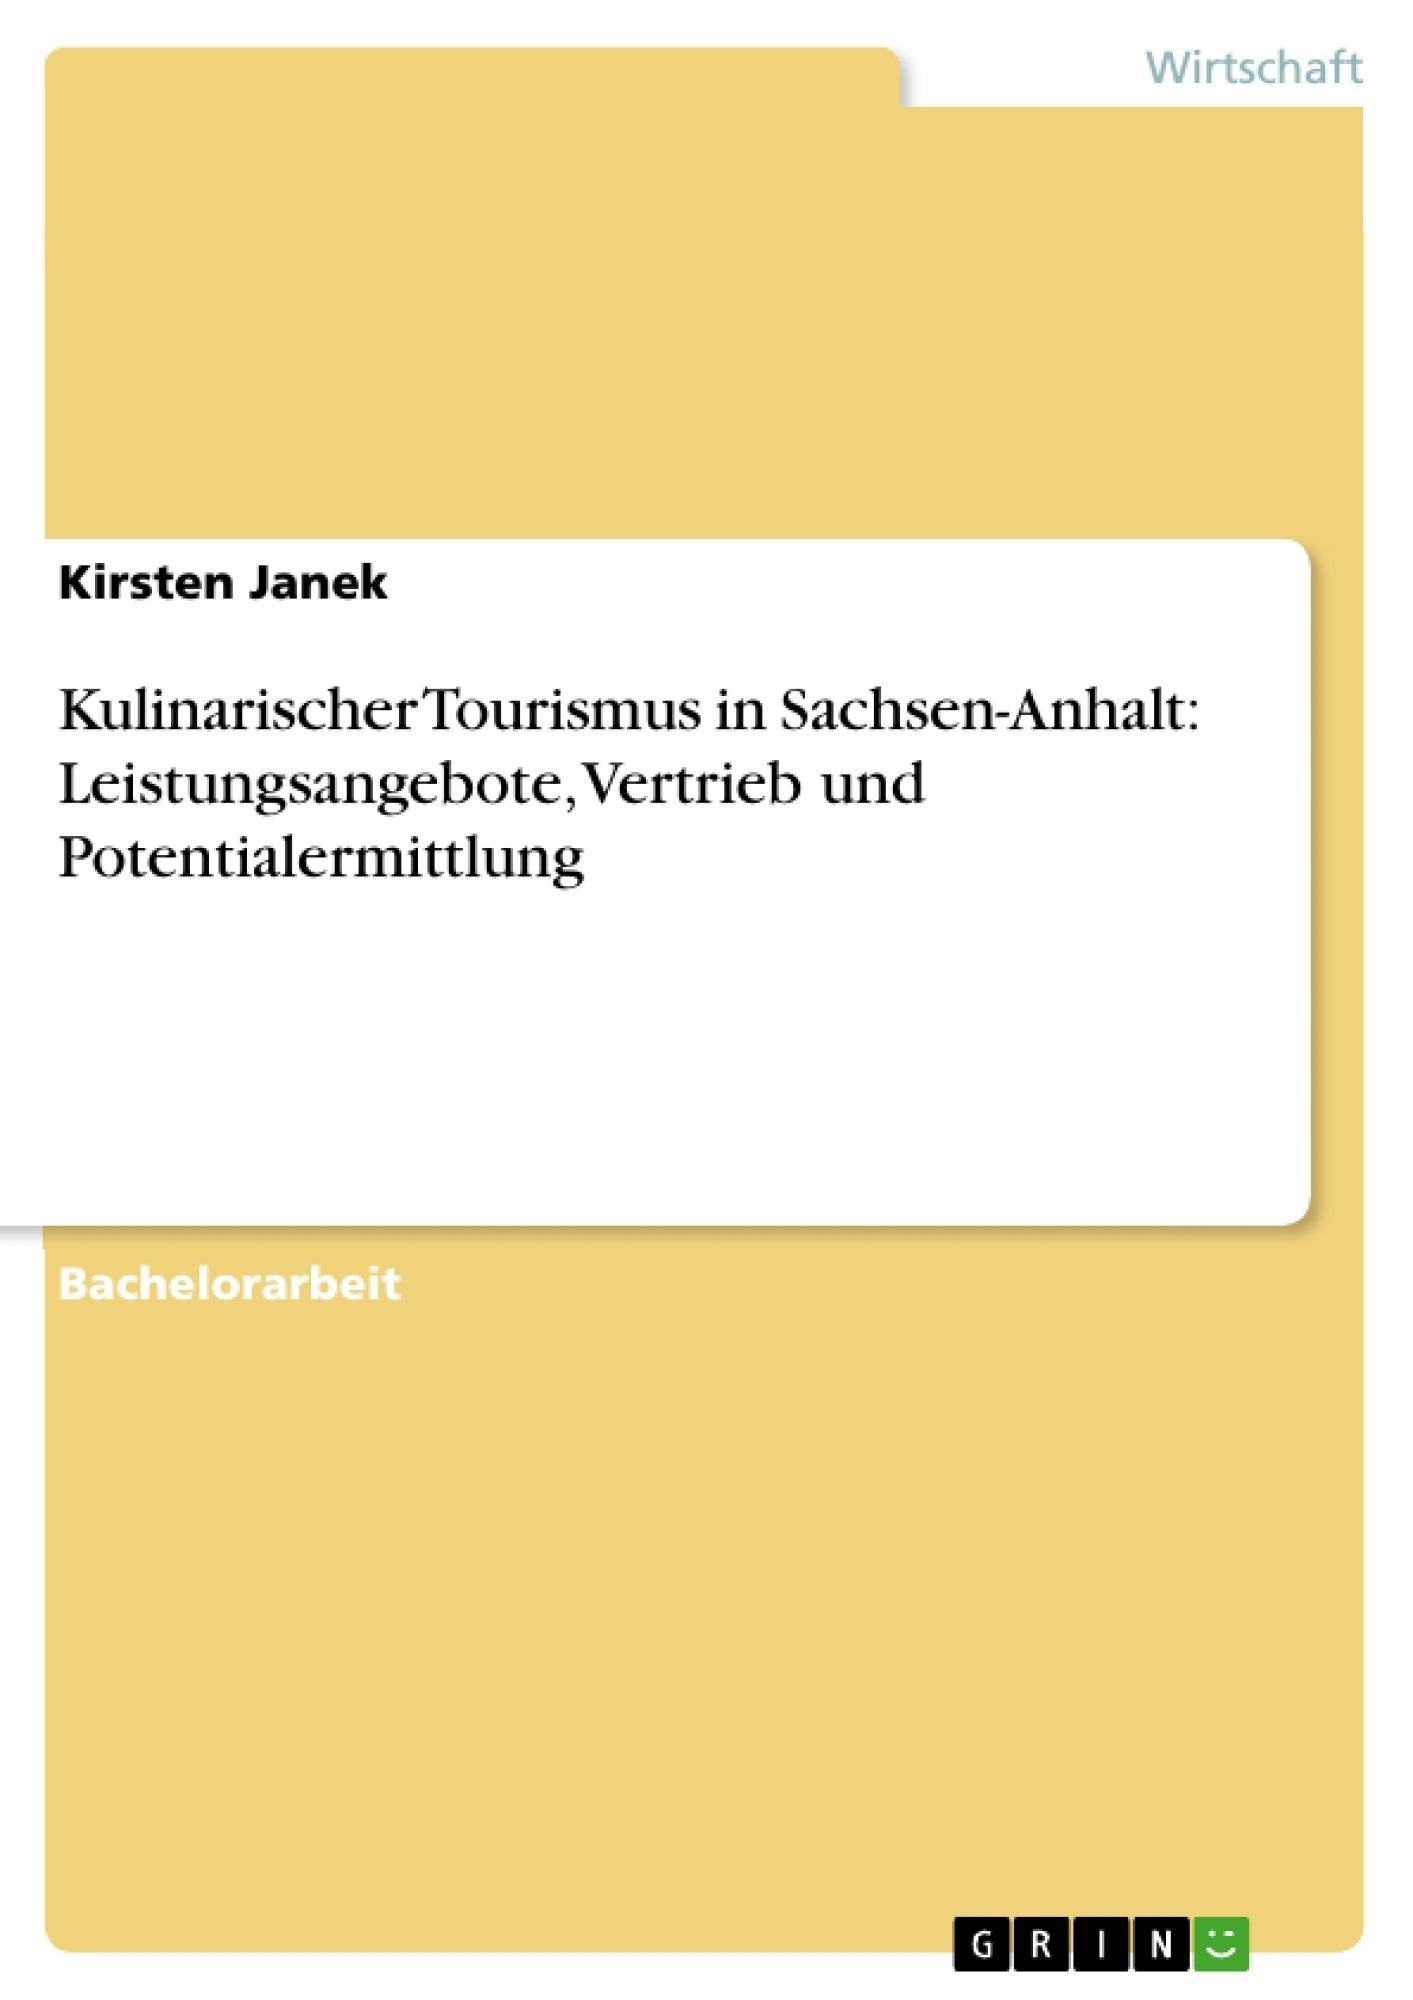 Titel: Kulinarischer Tourismus in Sachsen-Anhalt: Leistungsangebote, Vertrieb und Potentialermittlung